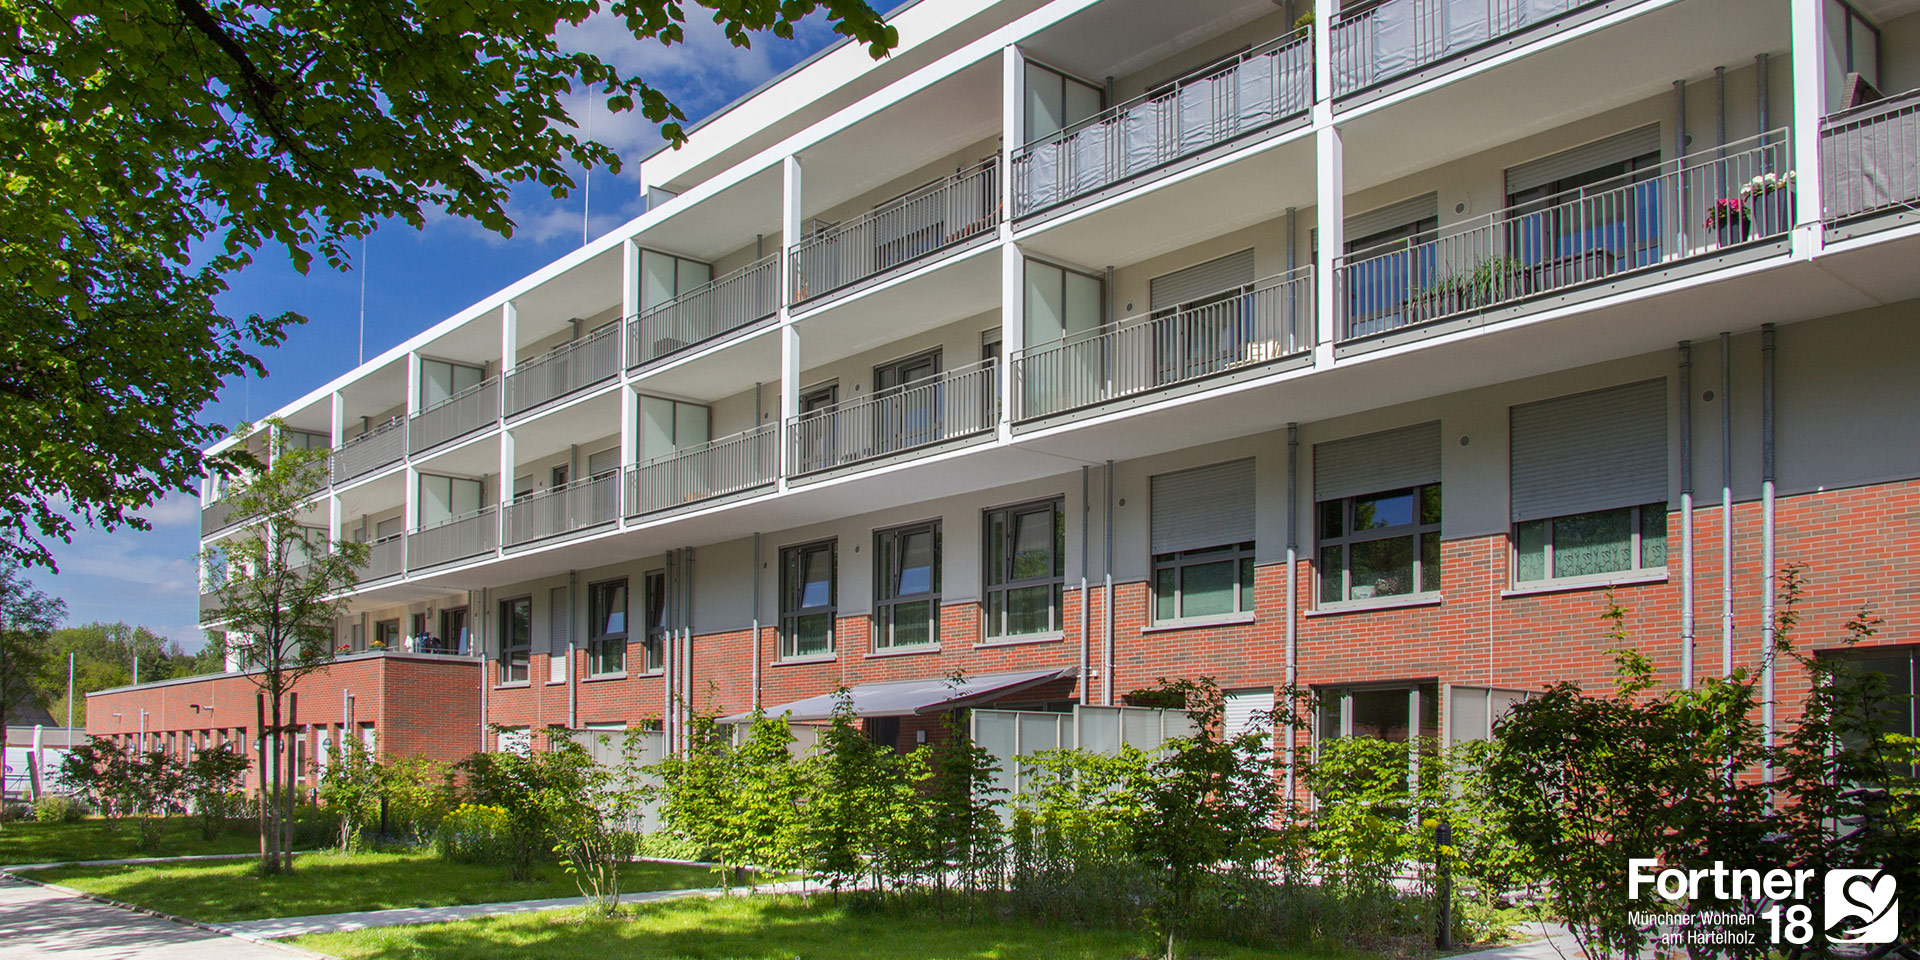 Eigentumswohnungen München: Fortner 18